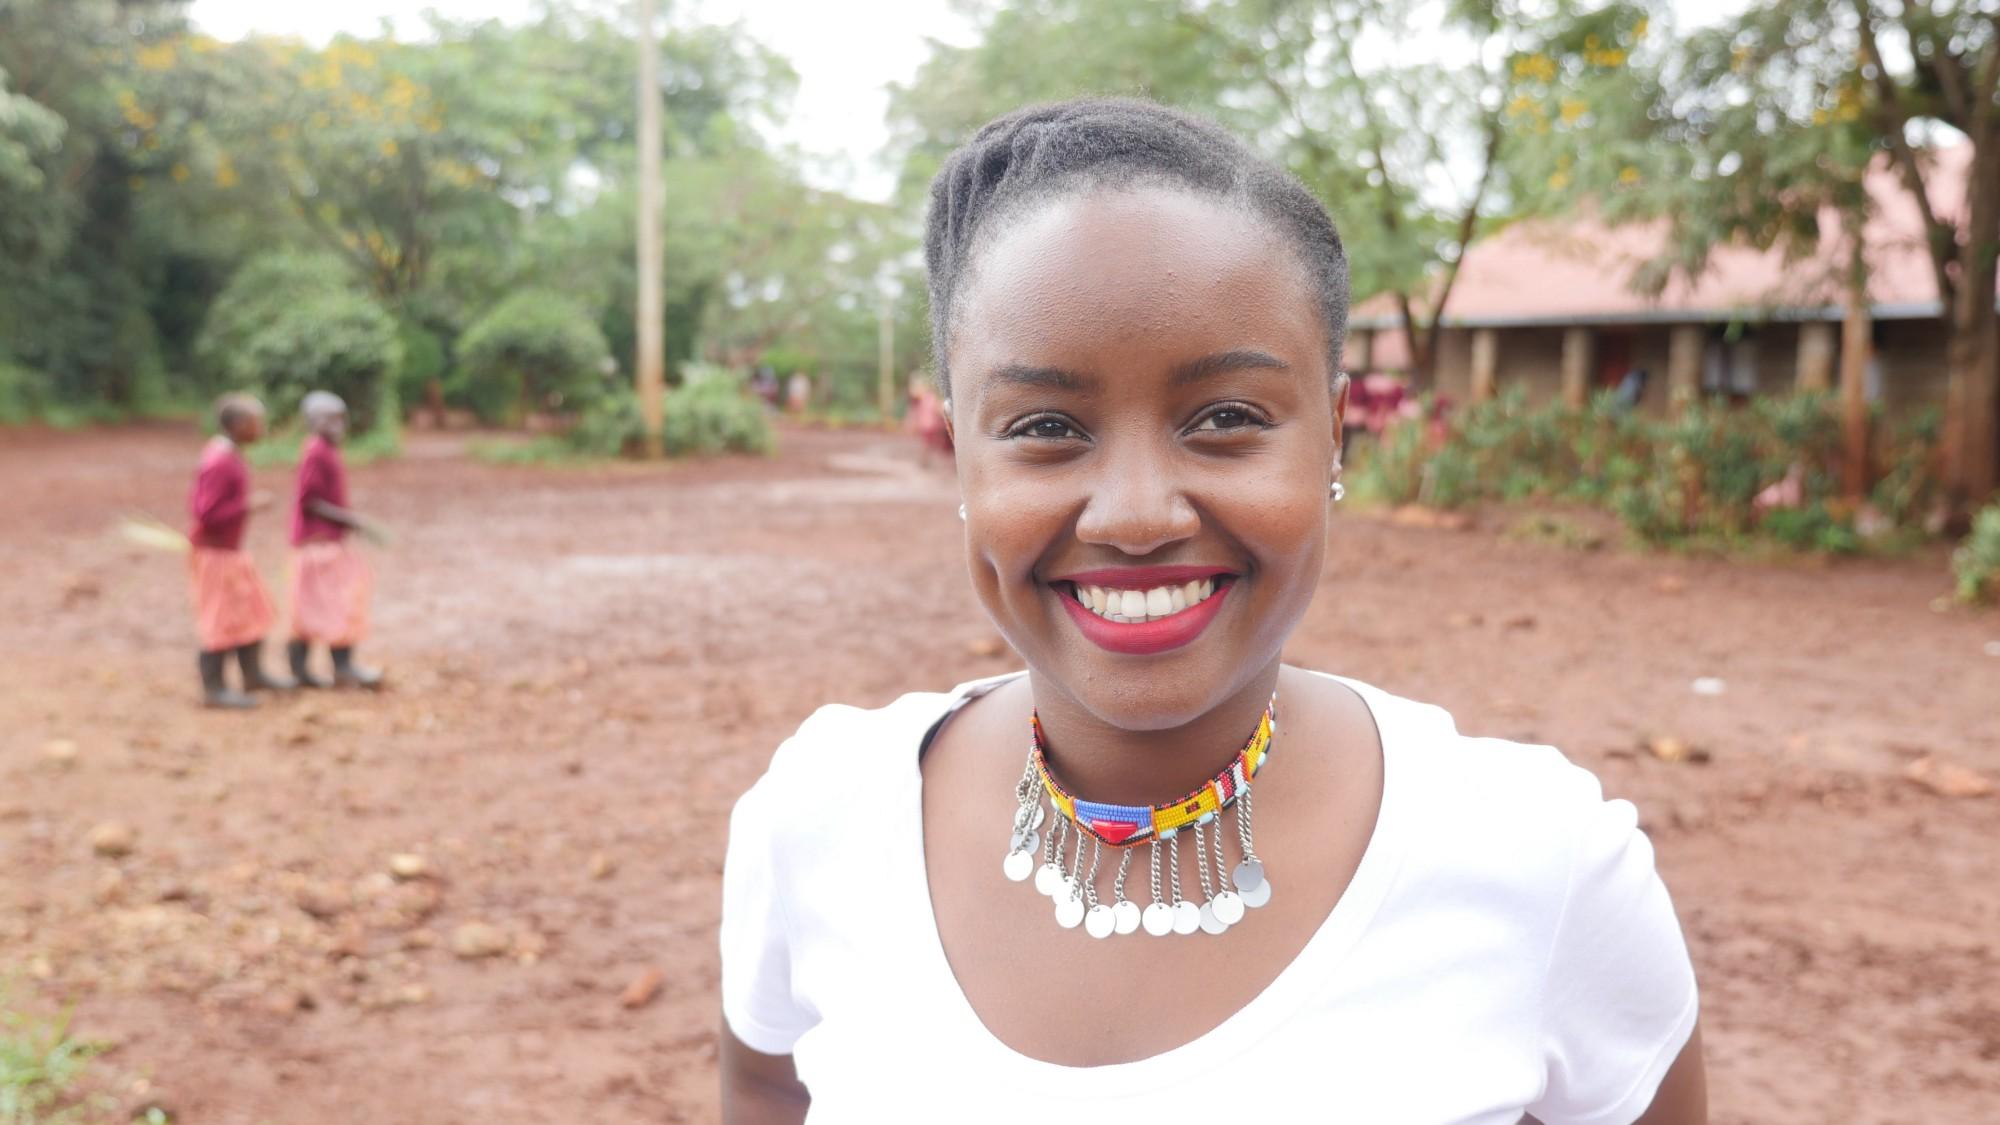 Young Kenyan woman standing in school yard